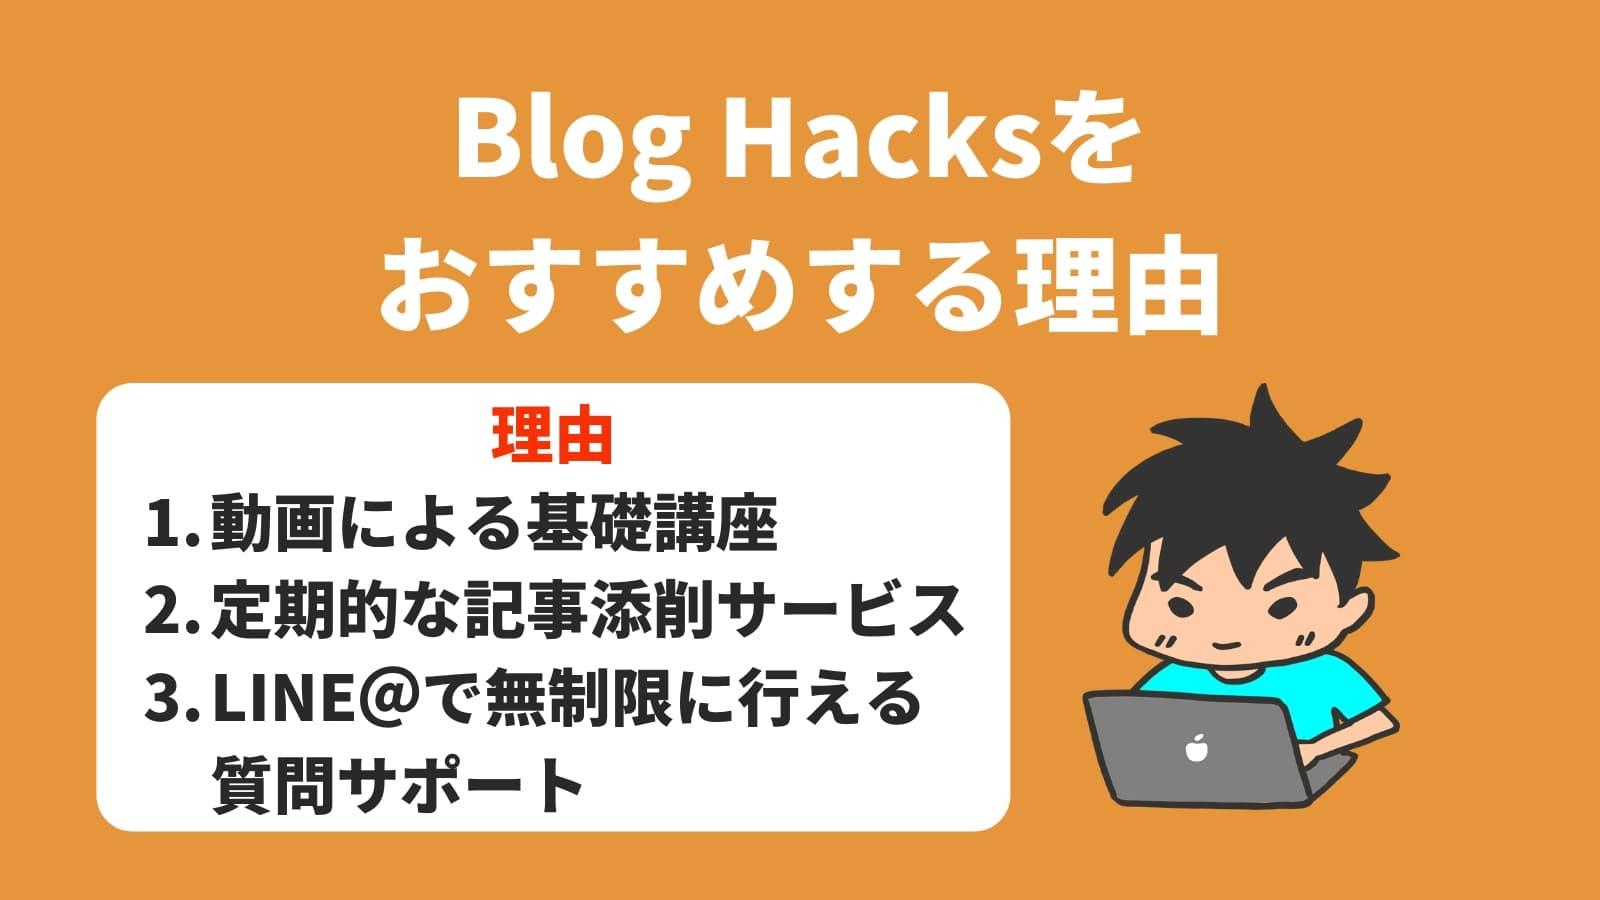 Blog Hacksを おすすめする理由